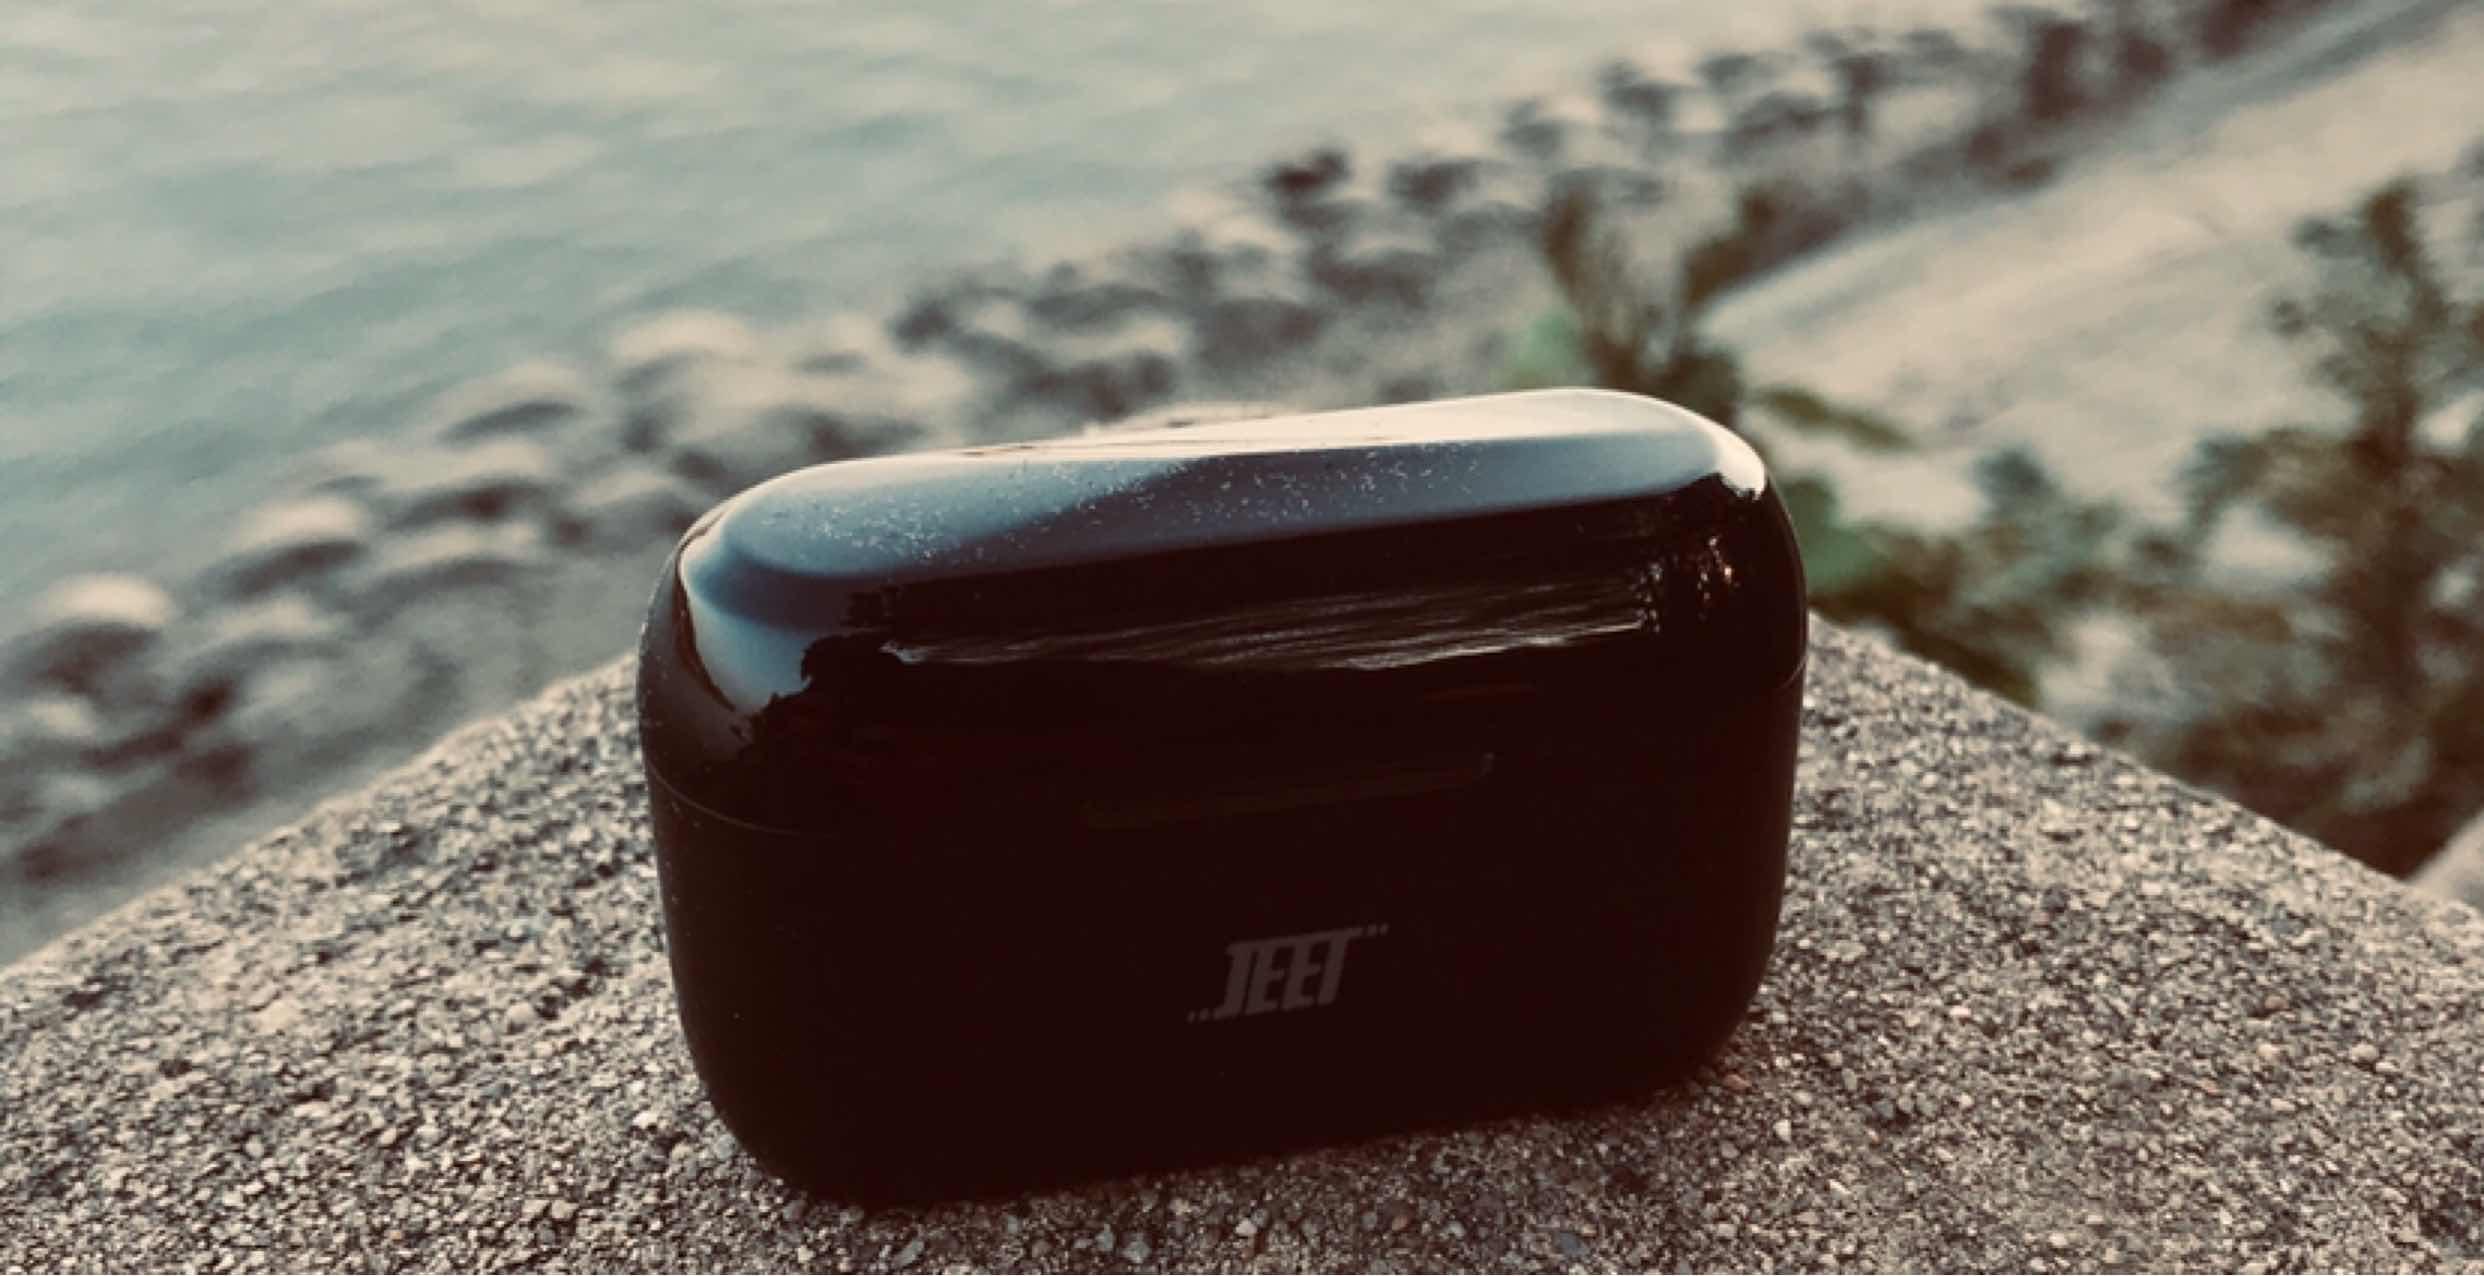 耳伴-JEET AIR Plus不客观体验